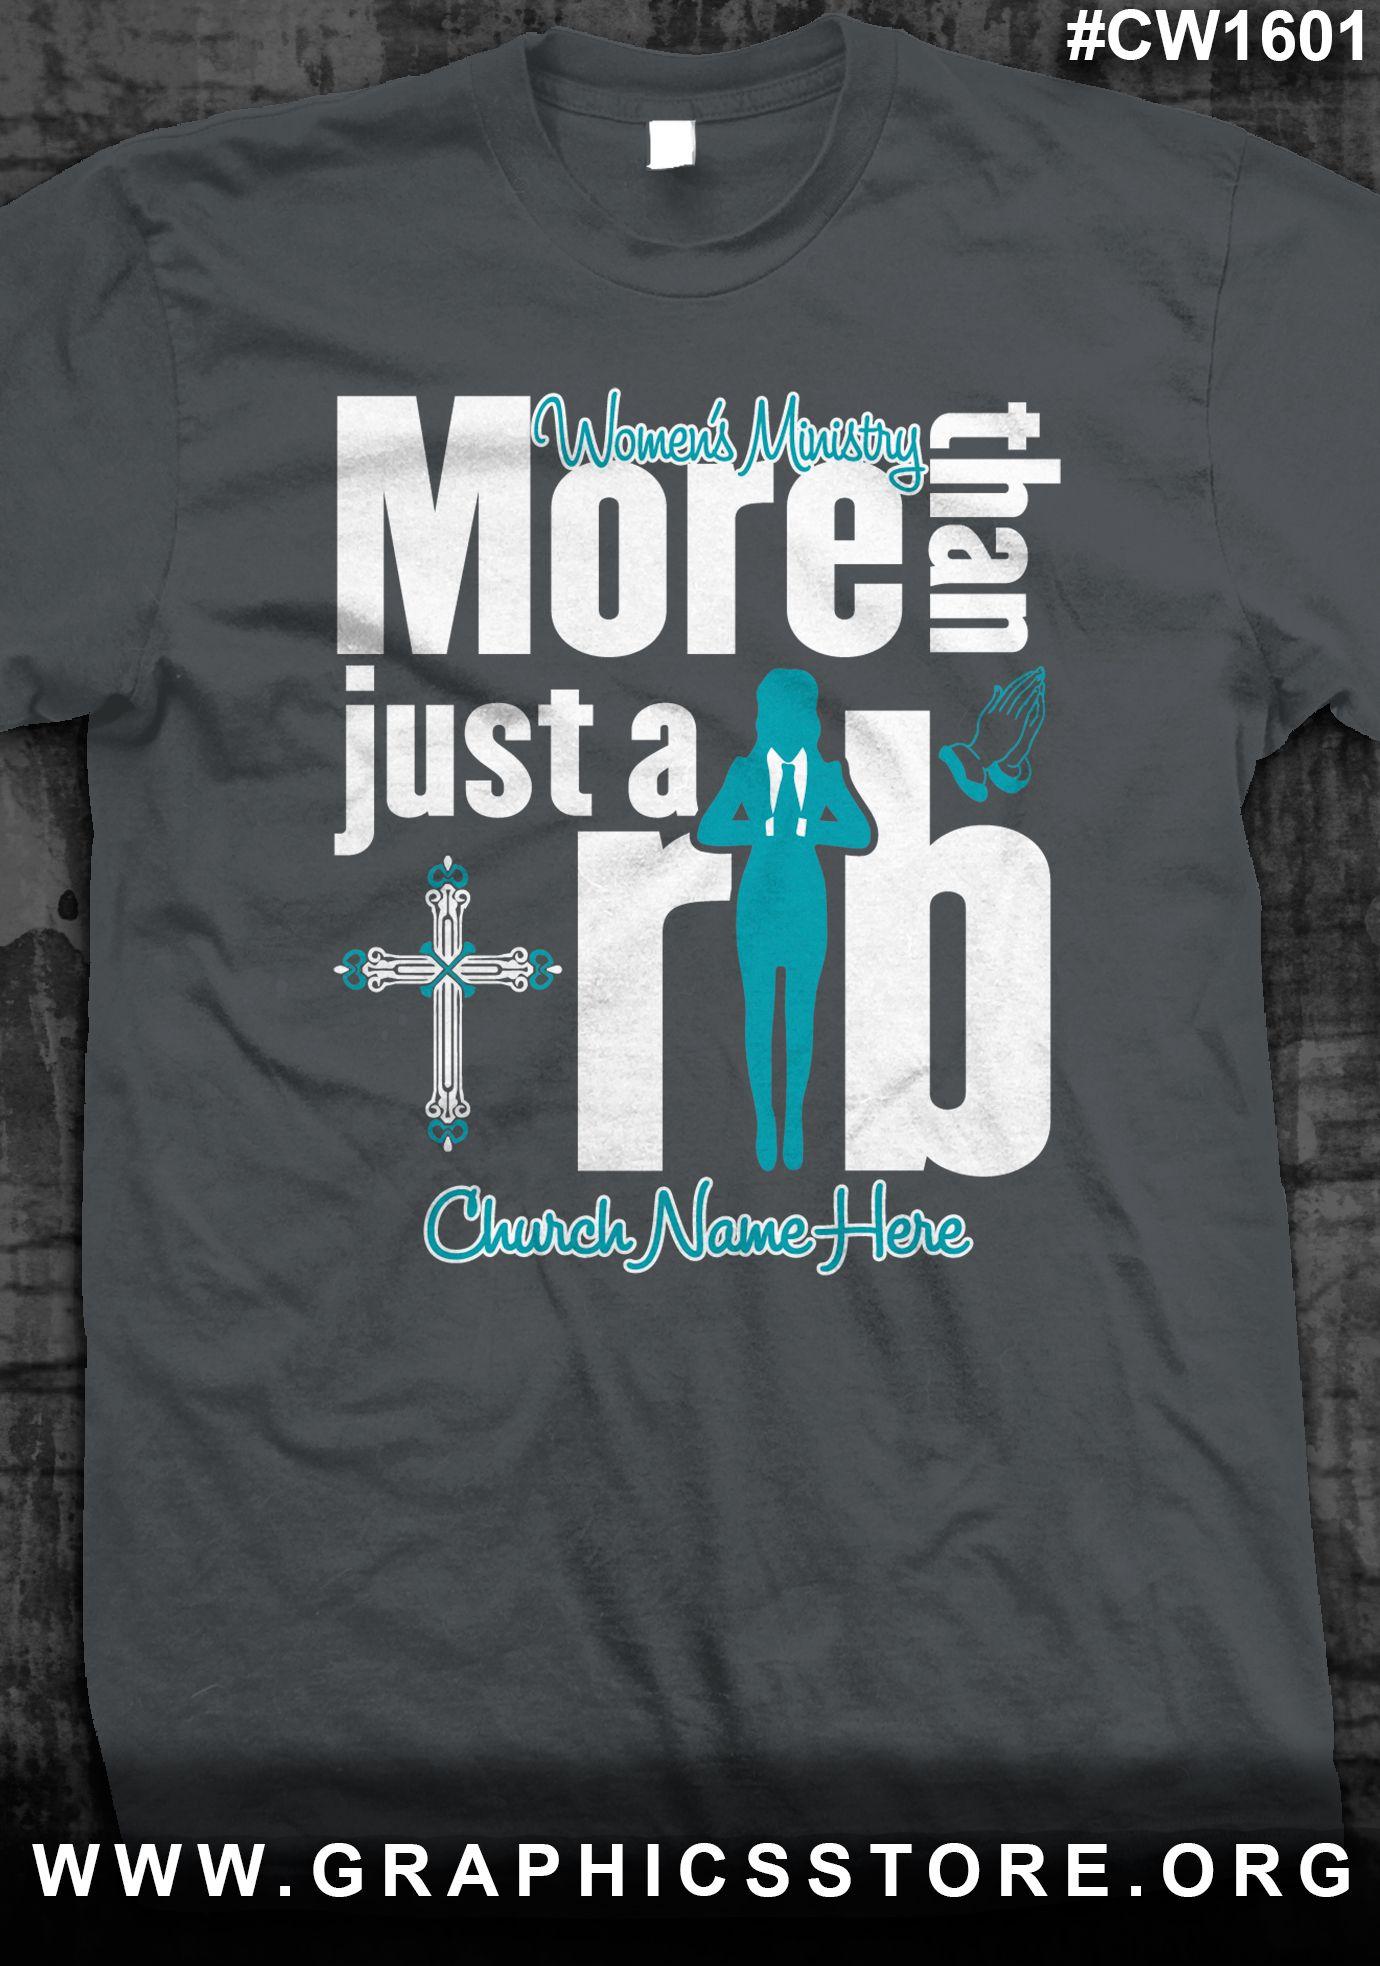 5d89139688 CW1601 Women's ministry T-shirts | Church Designs | T shirt, Shirts ...